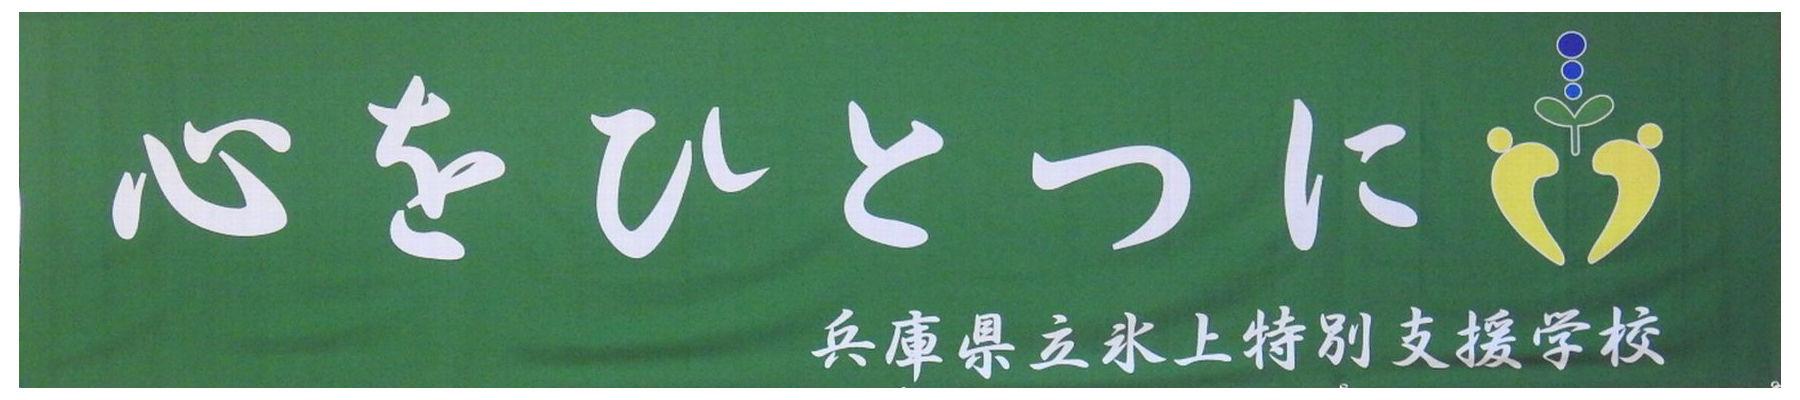 兵庫県立氷上特別支援学校